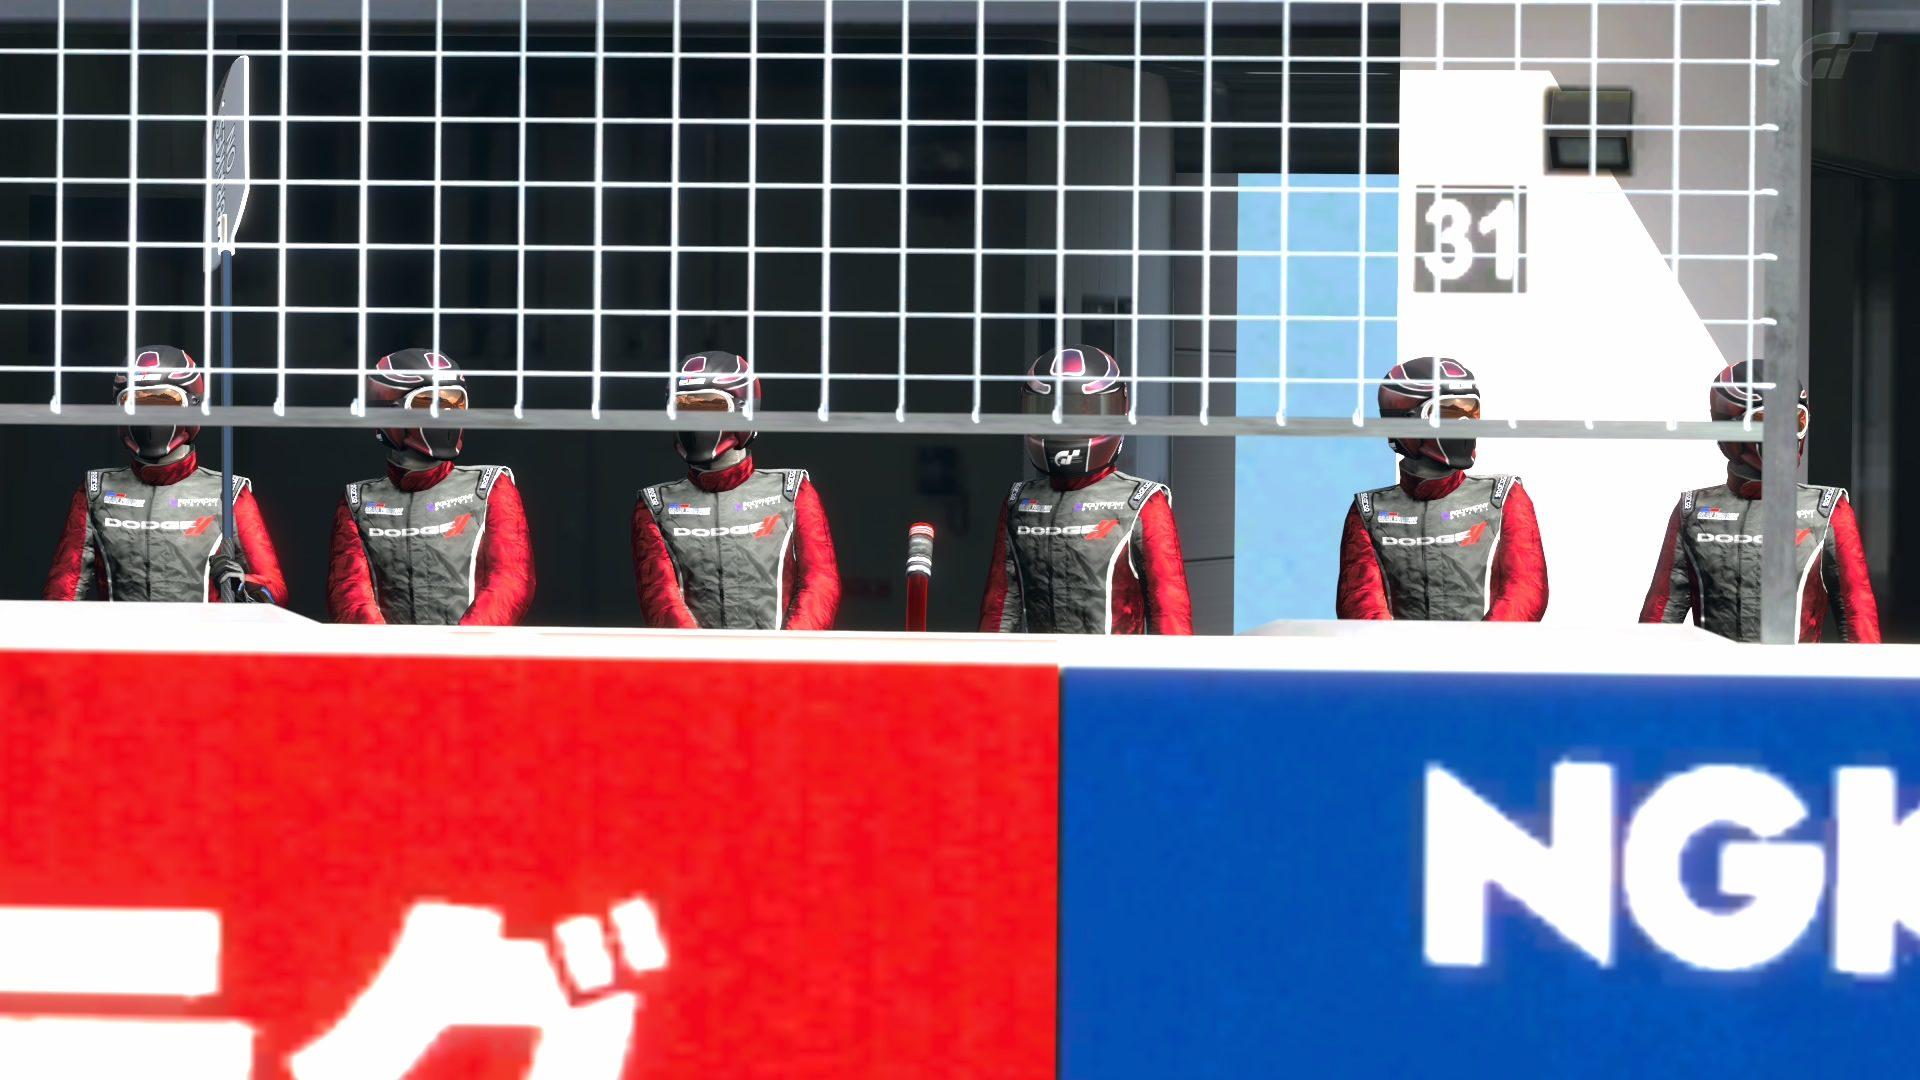 Fuji Speedway F_4 (2).jpg